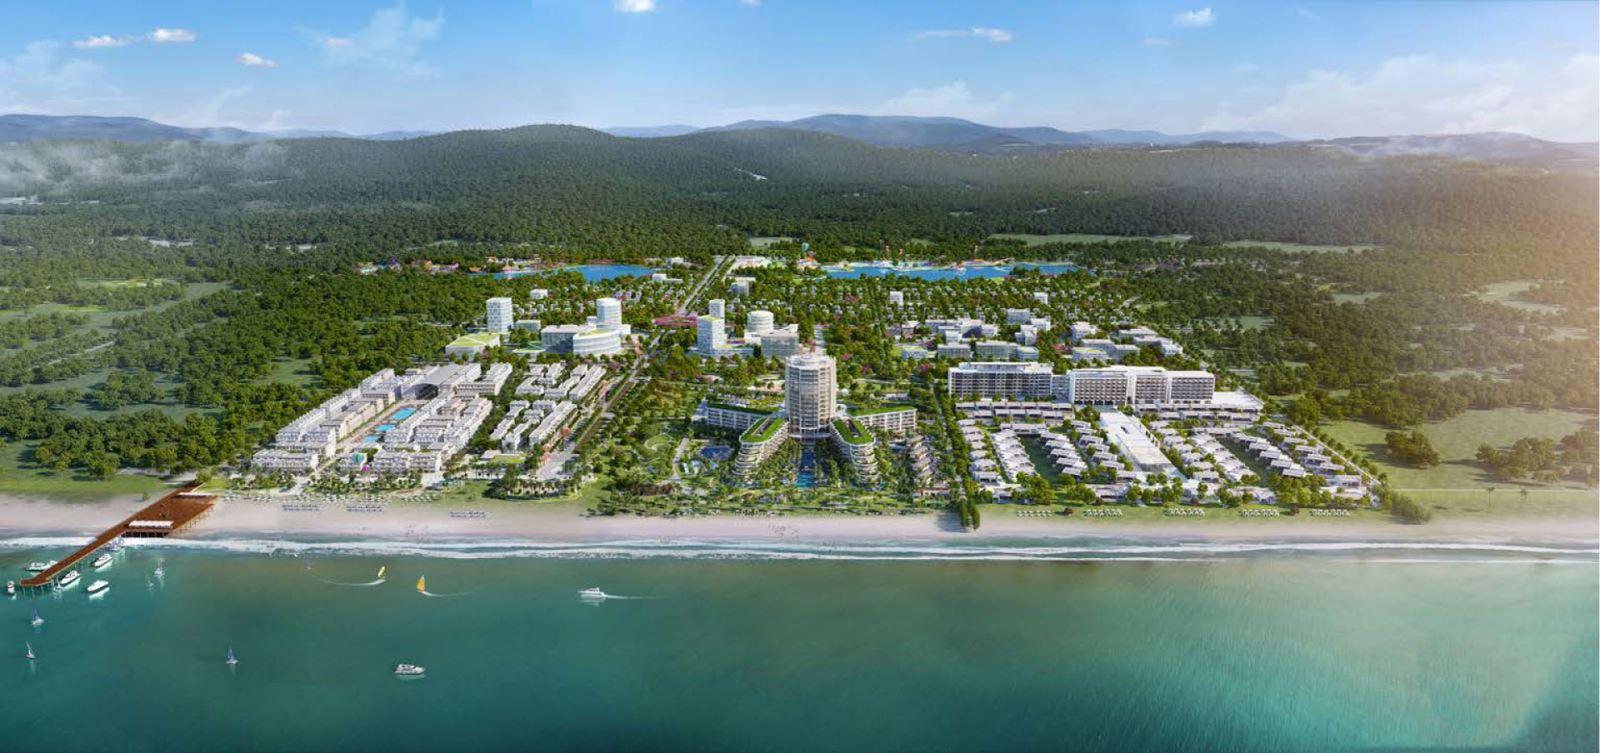 Phối cảnh tổng thể dự án nhà phố Marina Square huyện Phú Quốc Đường Bãi Trường, xã Dương Tơ chủ đầu tư BIM Group